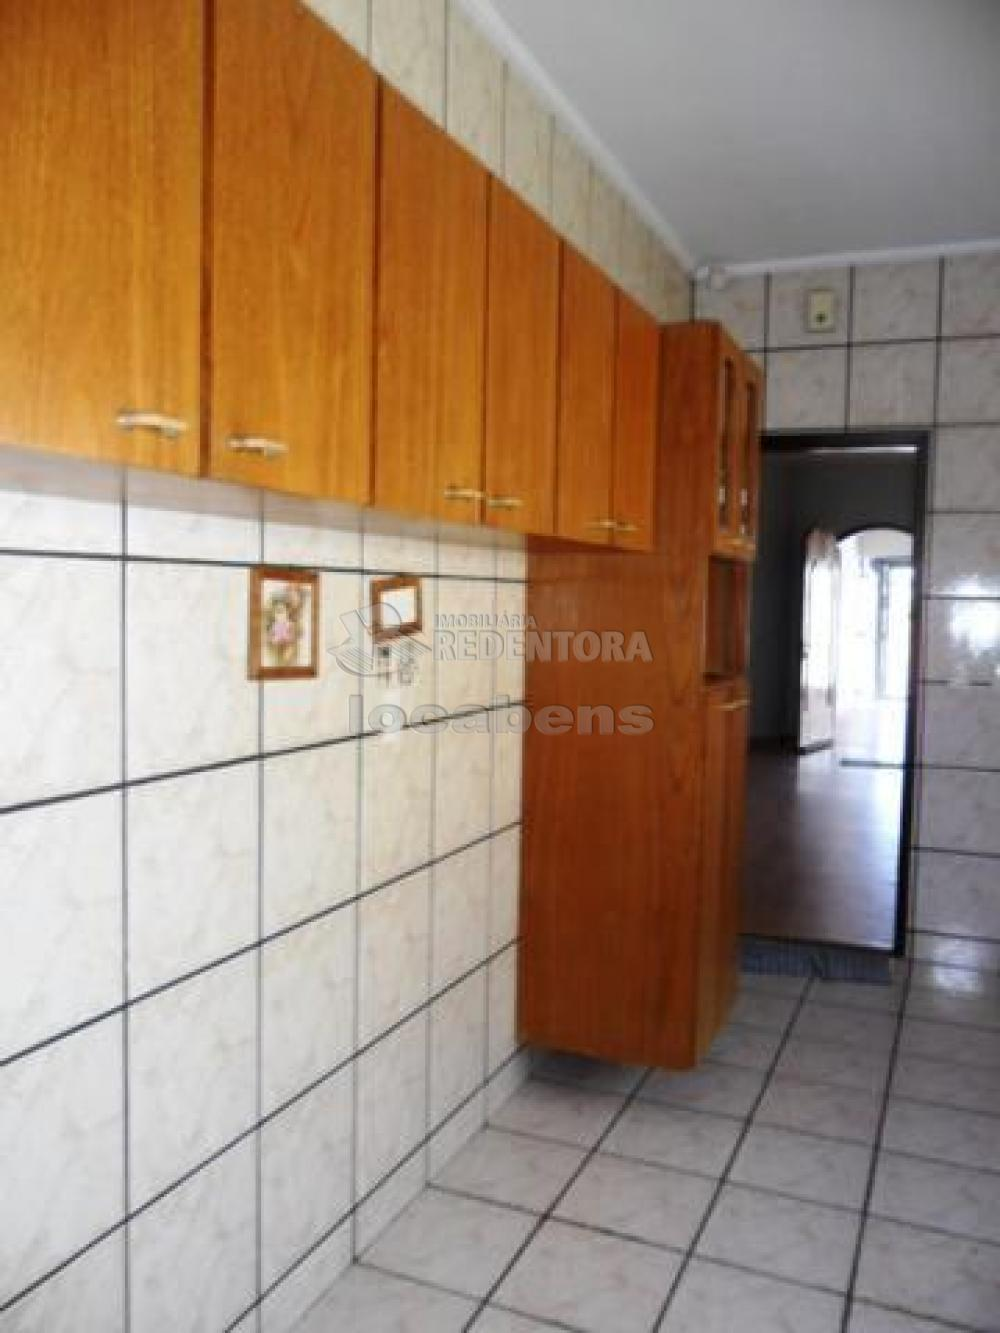 Alugar Casa / Padrão em São José do Rio Preto R$ 1.300,00 - Foto 9